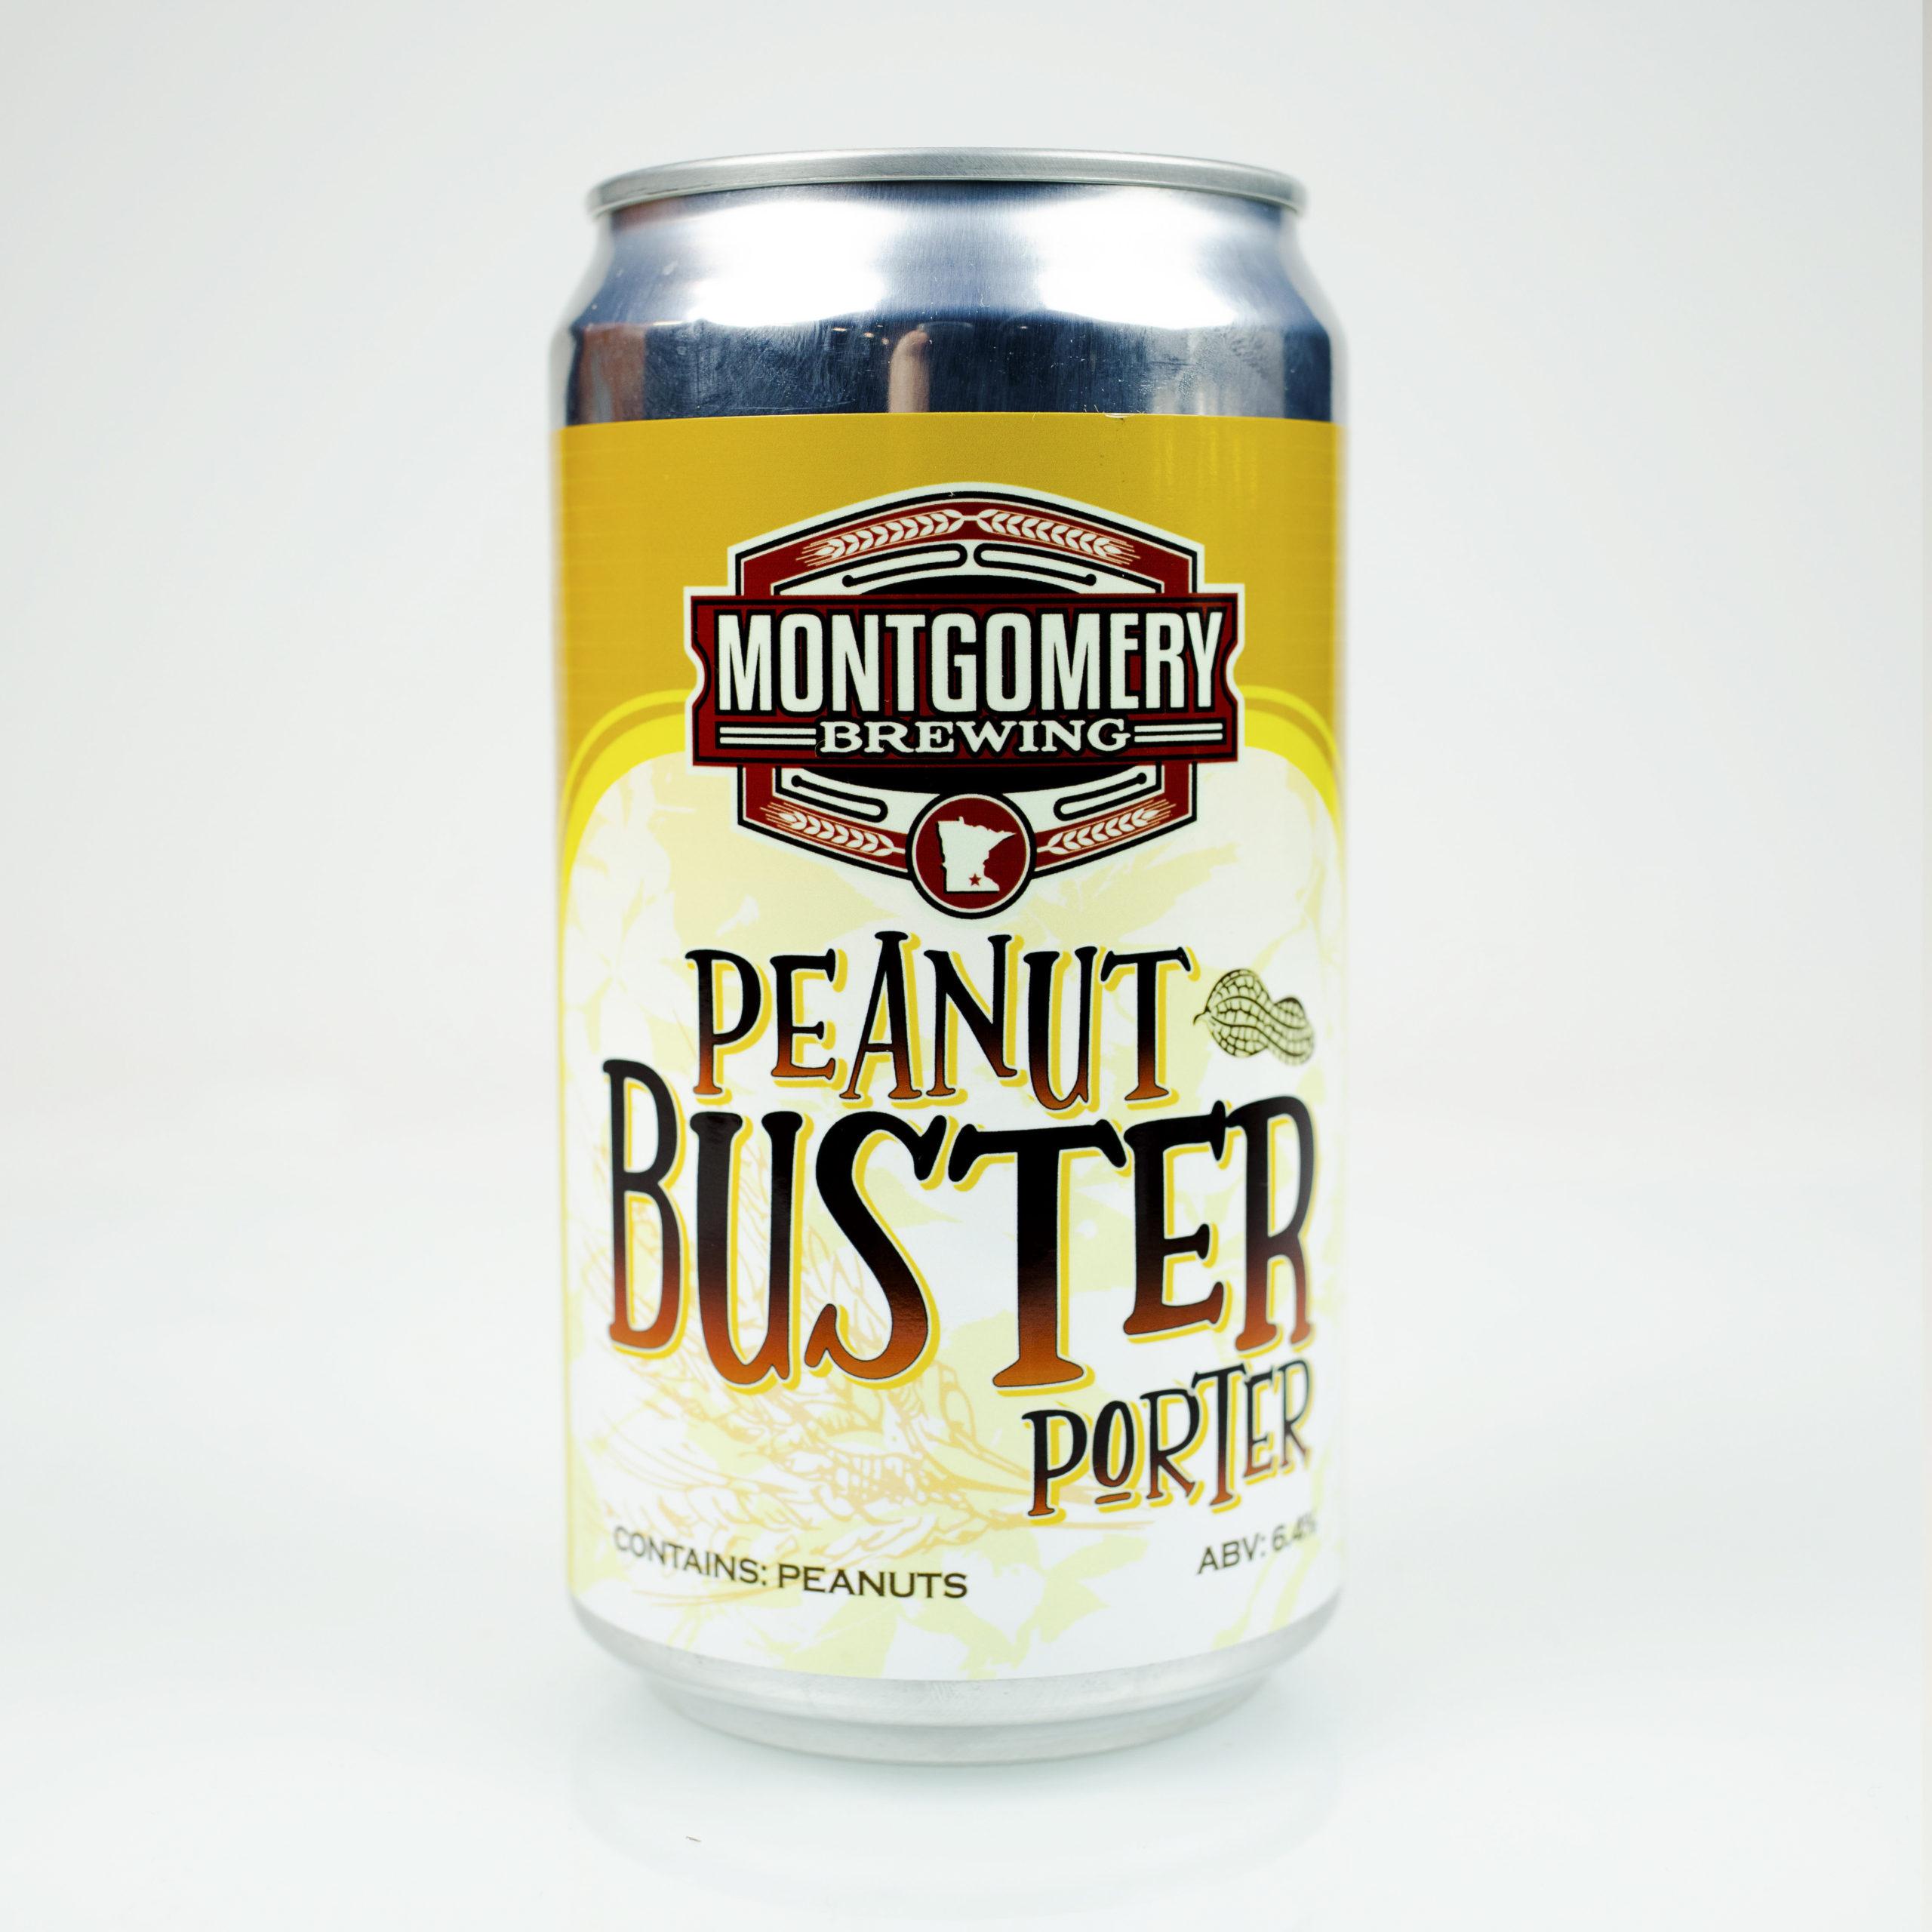 Peanut Buster Porter